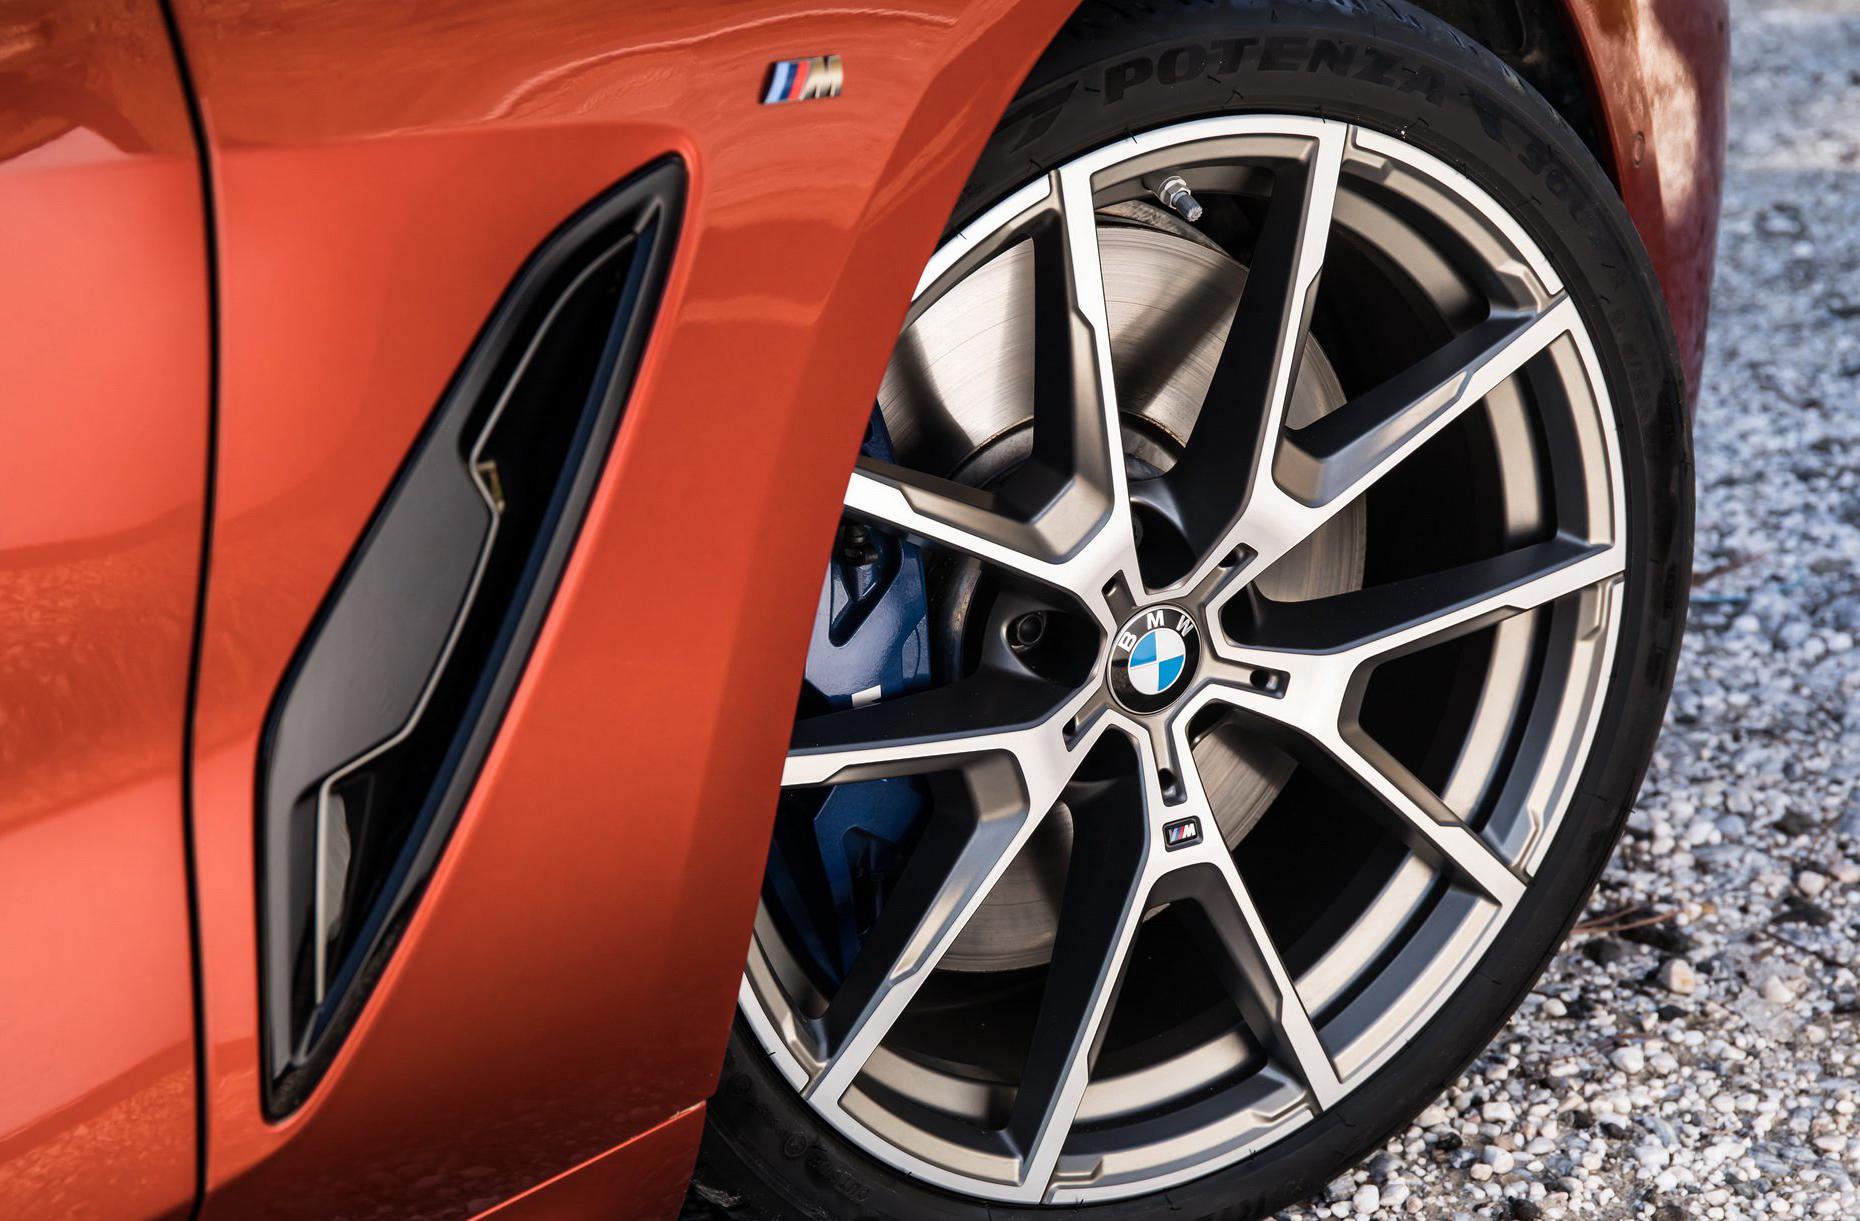 پای بیامو 8-Series به بازار انگلستان باز میشود +تصاویر